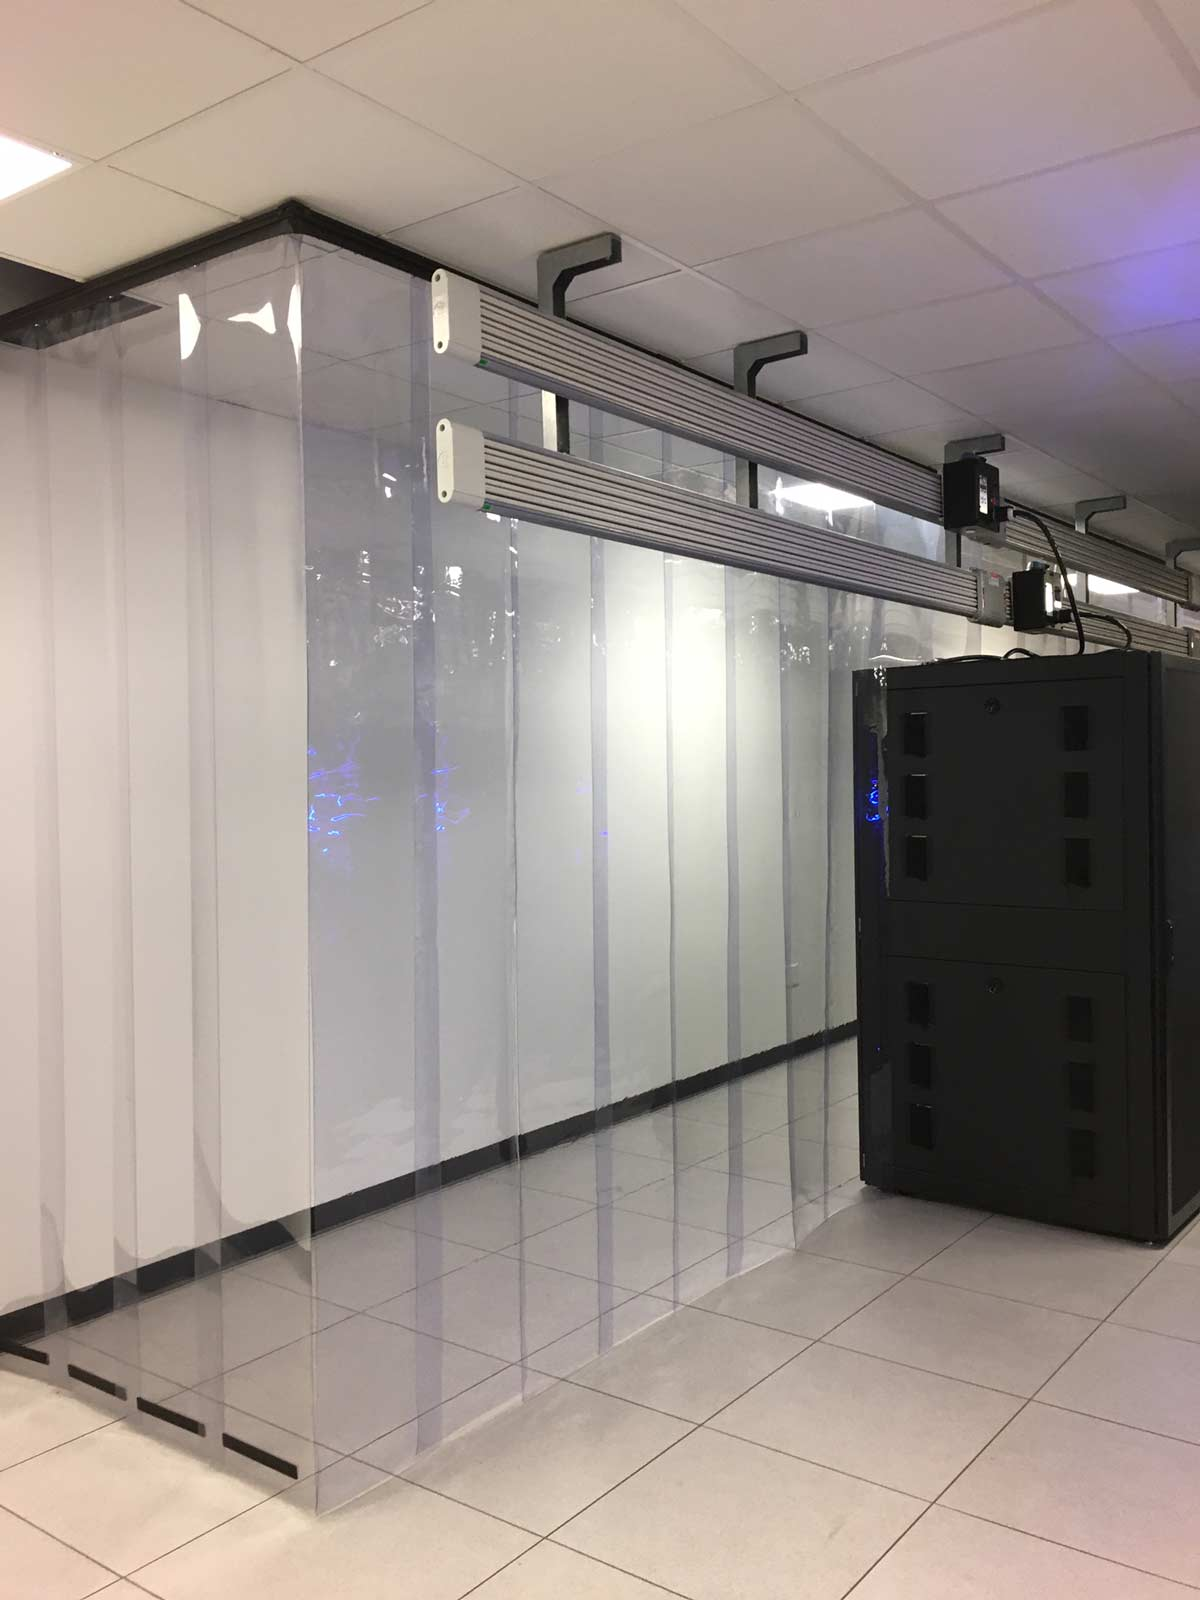 Aisle Containment E84 Strip Curtains 2 - Containment Strip Walls